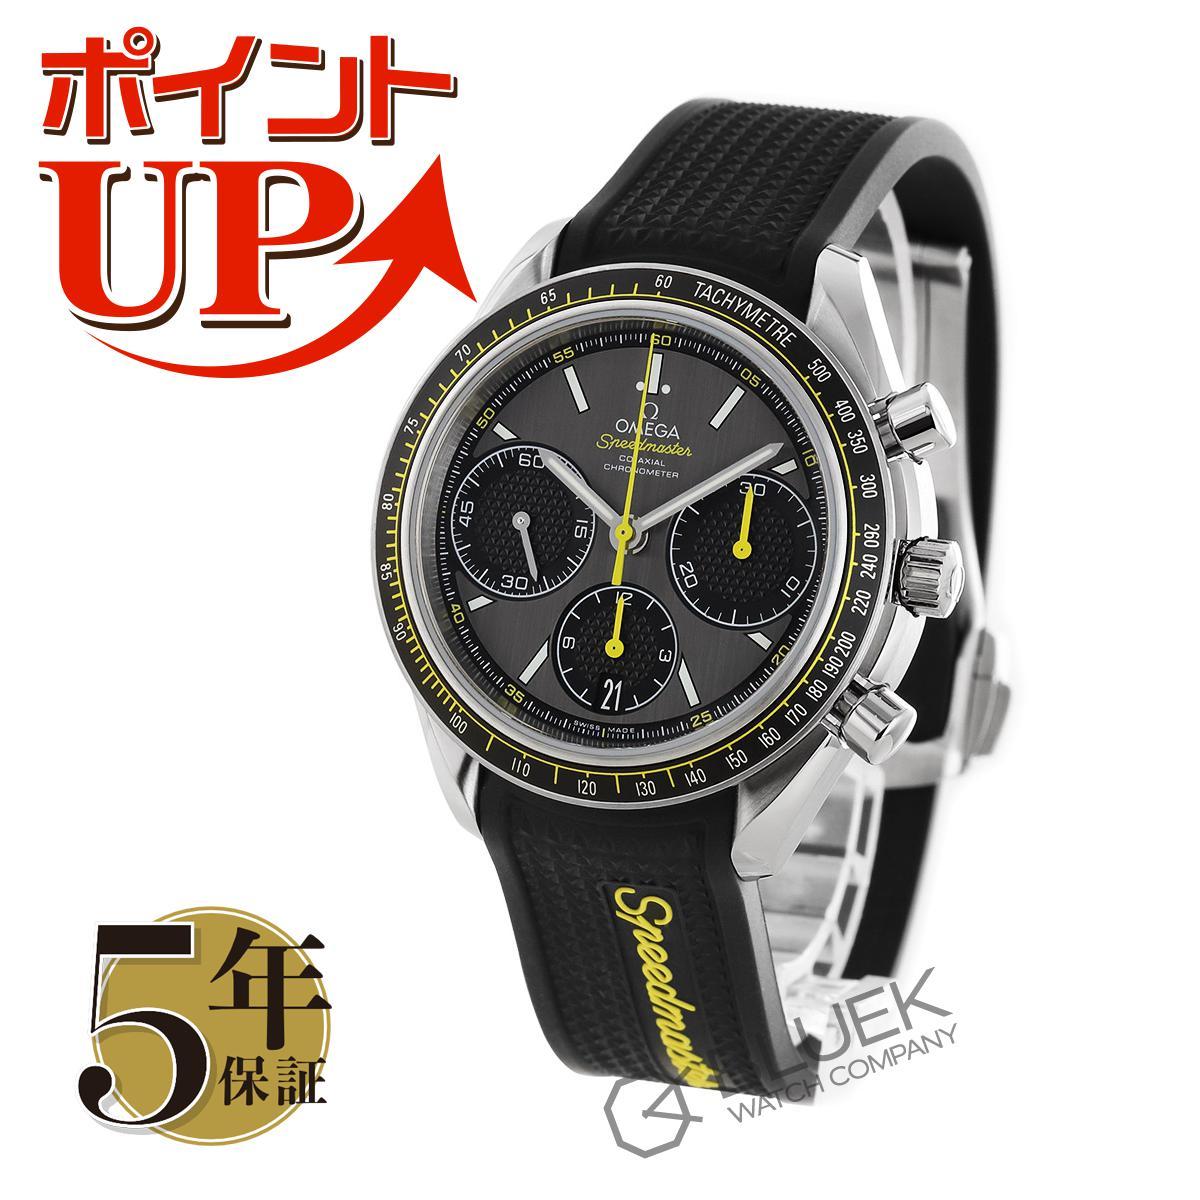 腕時計, メンズ腕時計 10 326.32.40.50.06.0015